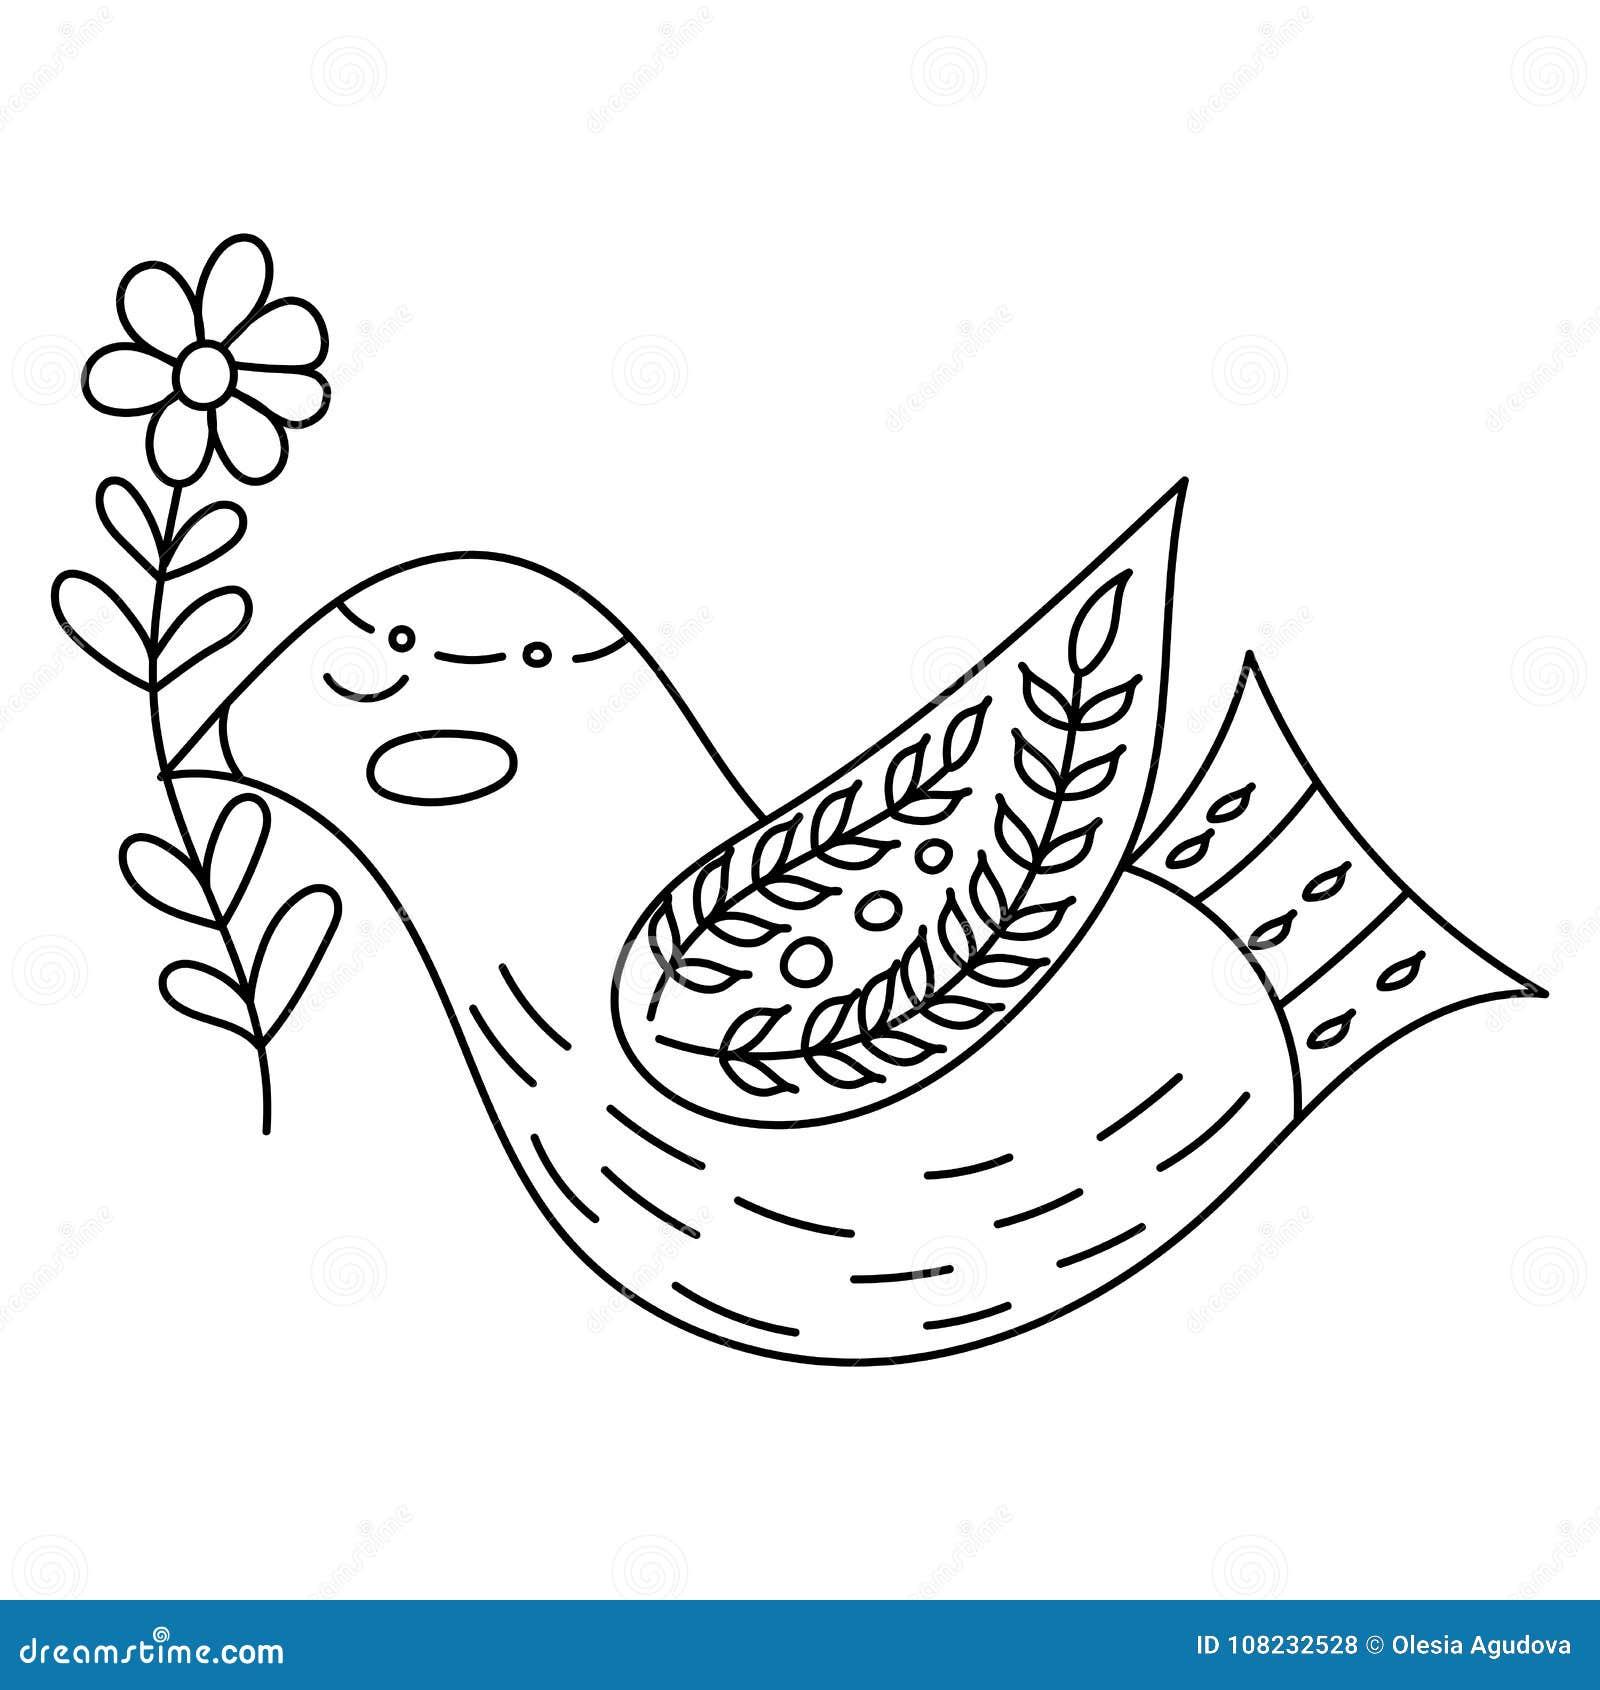 Lujo Páginas Para Colorear De Flores Y Pájaros Adorno - Enmarcado ...